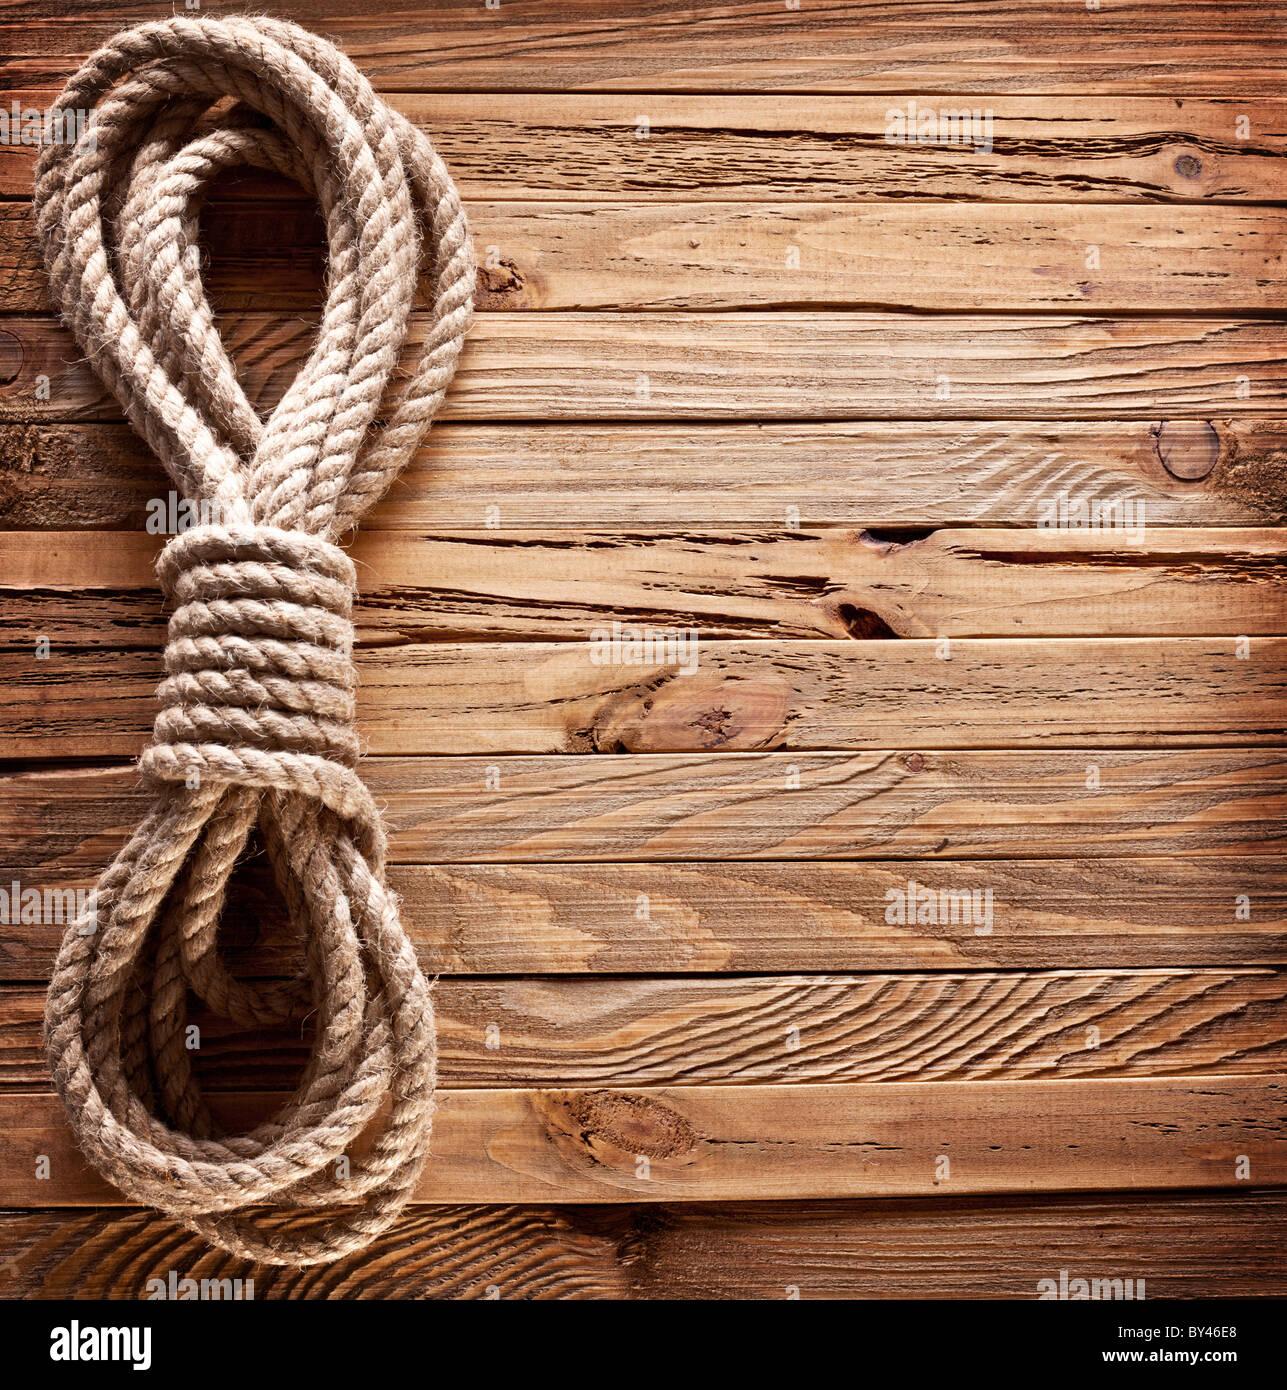 Imagen antigua de la textura de los tableros de madera con cuerda de barco. Imagen De Stock